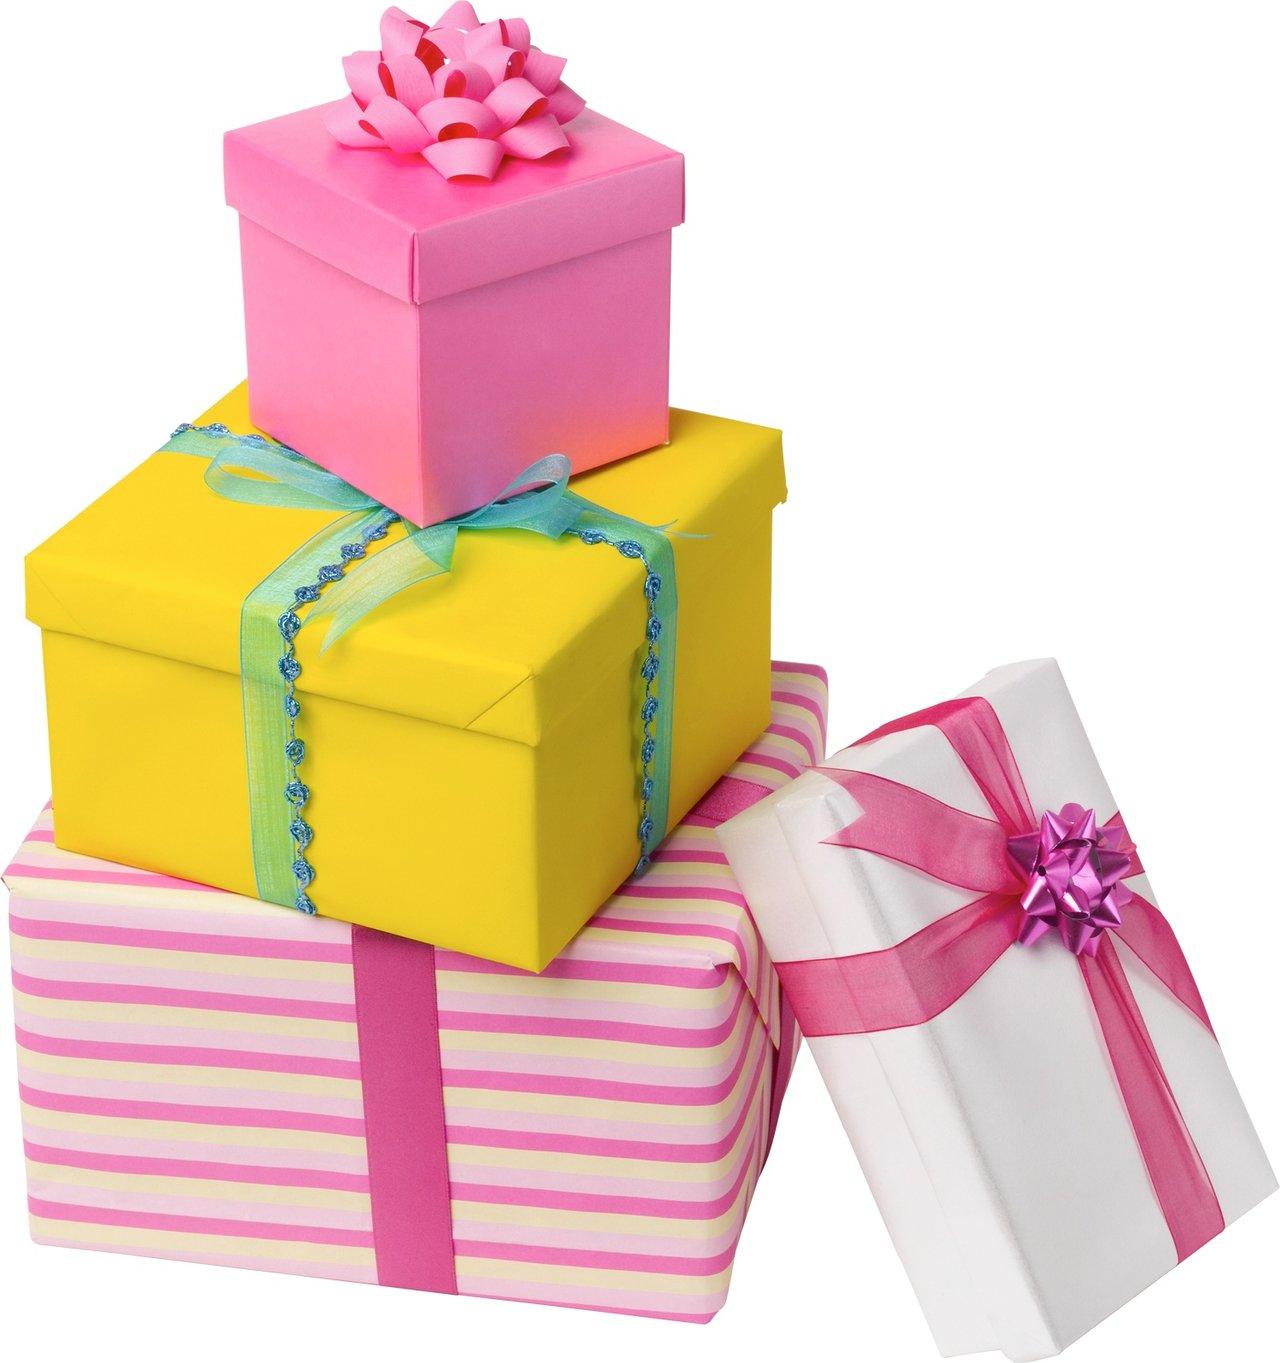 Подарки на день рождения, купить прикольный подарок 45